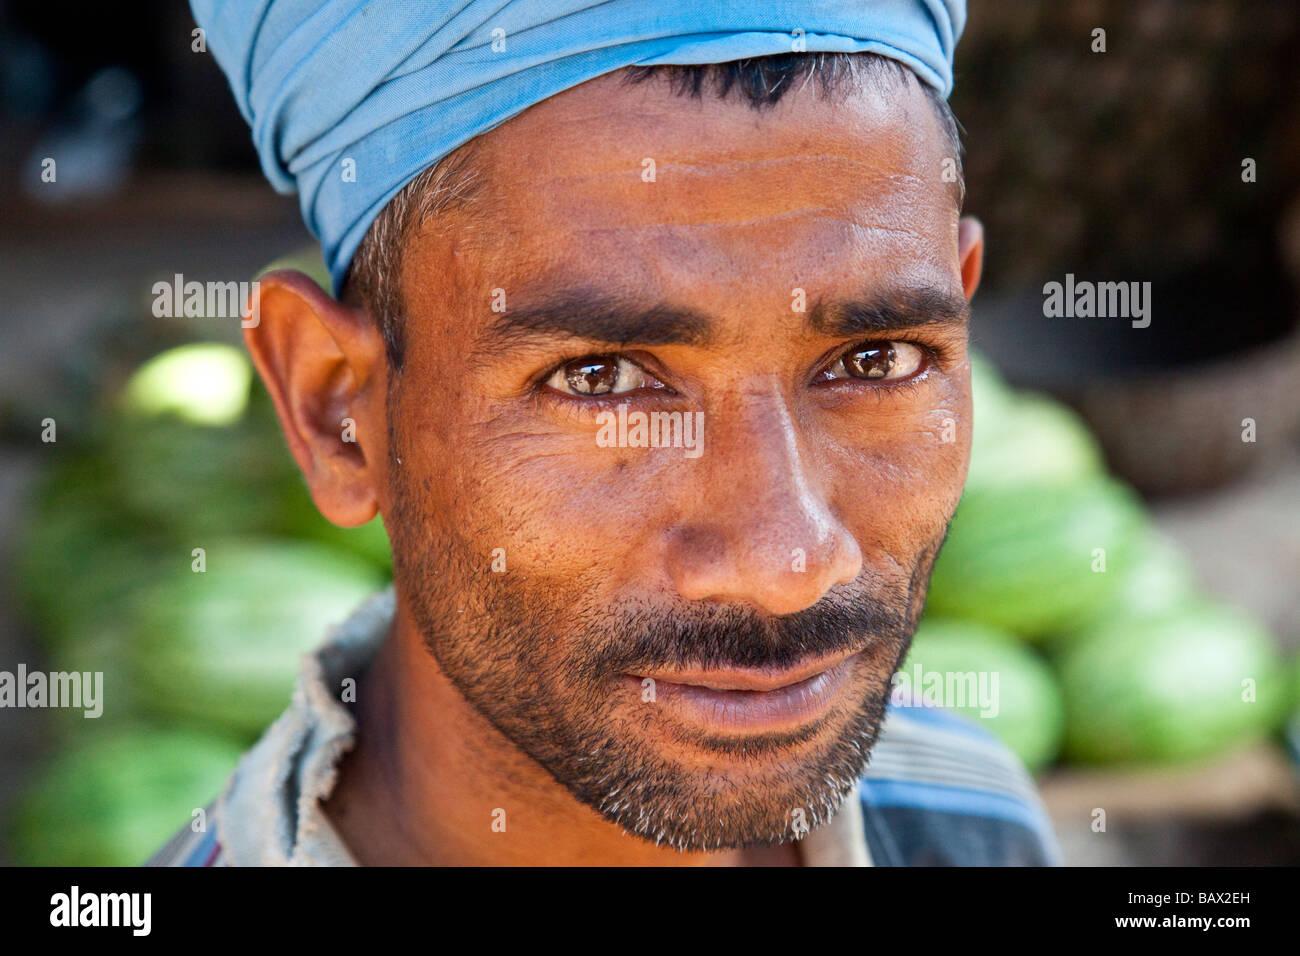 Porter in der Crawford Obst- und Gemüsemarkt in Mumbai Indien Stockbild